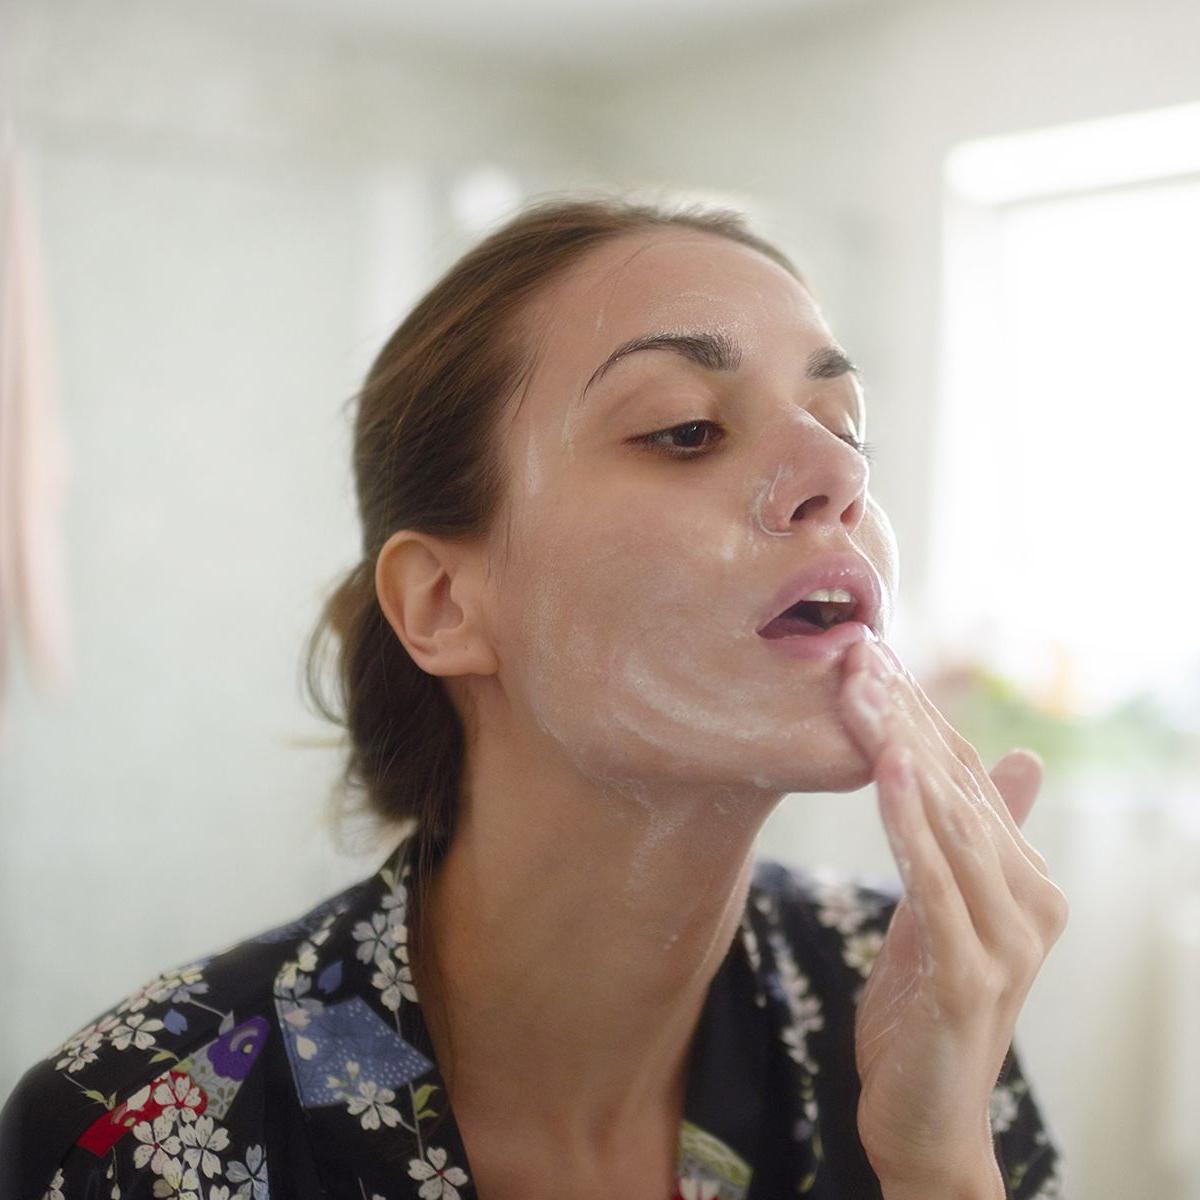 محصولات مراقبت از پوست شب؛ روتین مراقبت پوست شبانه